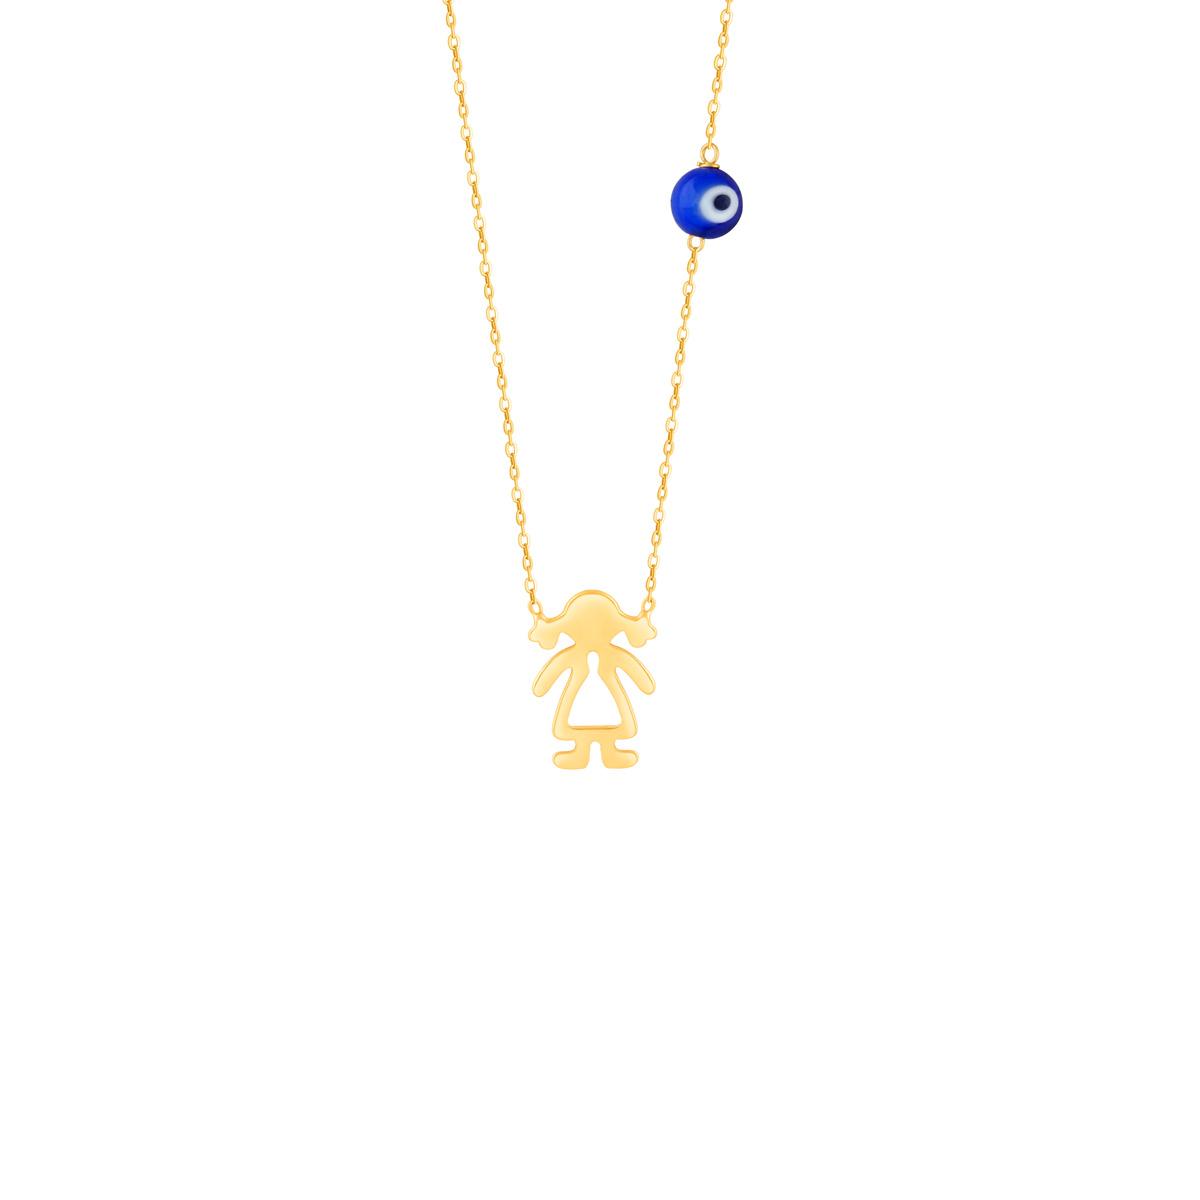 گردنبند طلا بچه گانه دخترک